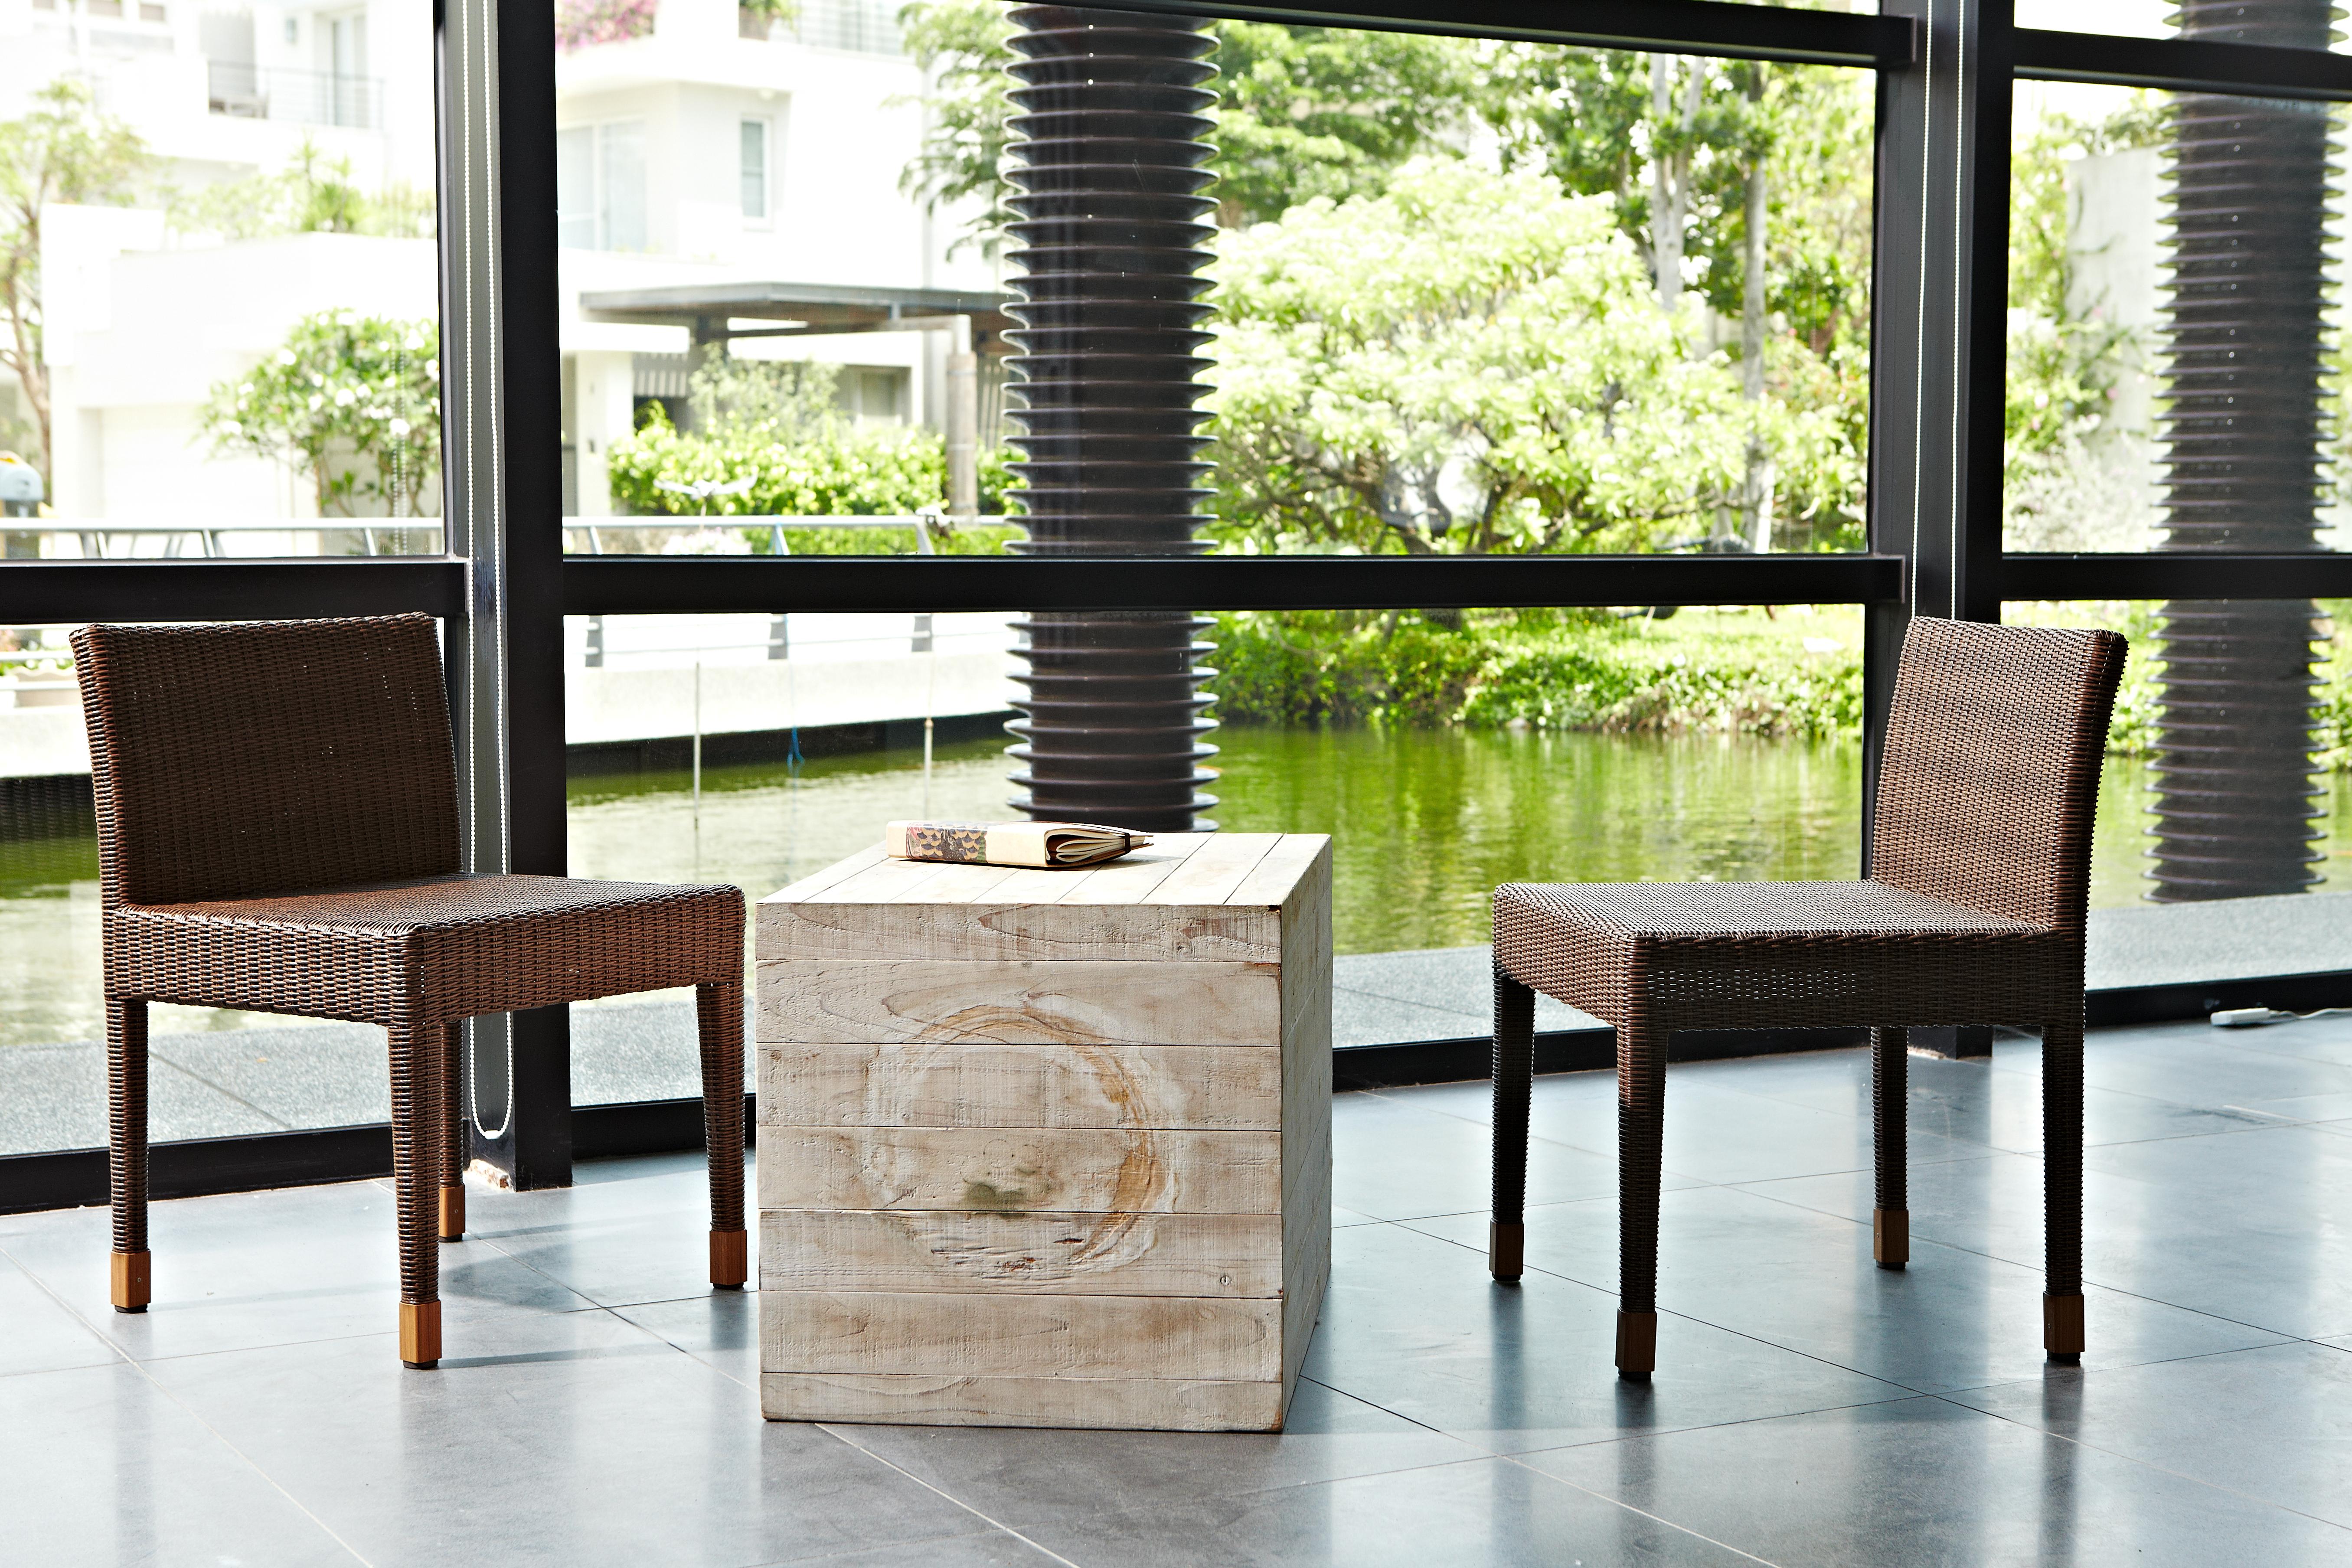 卡薩布蘭加系列單人椅